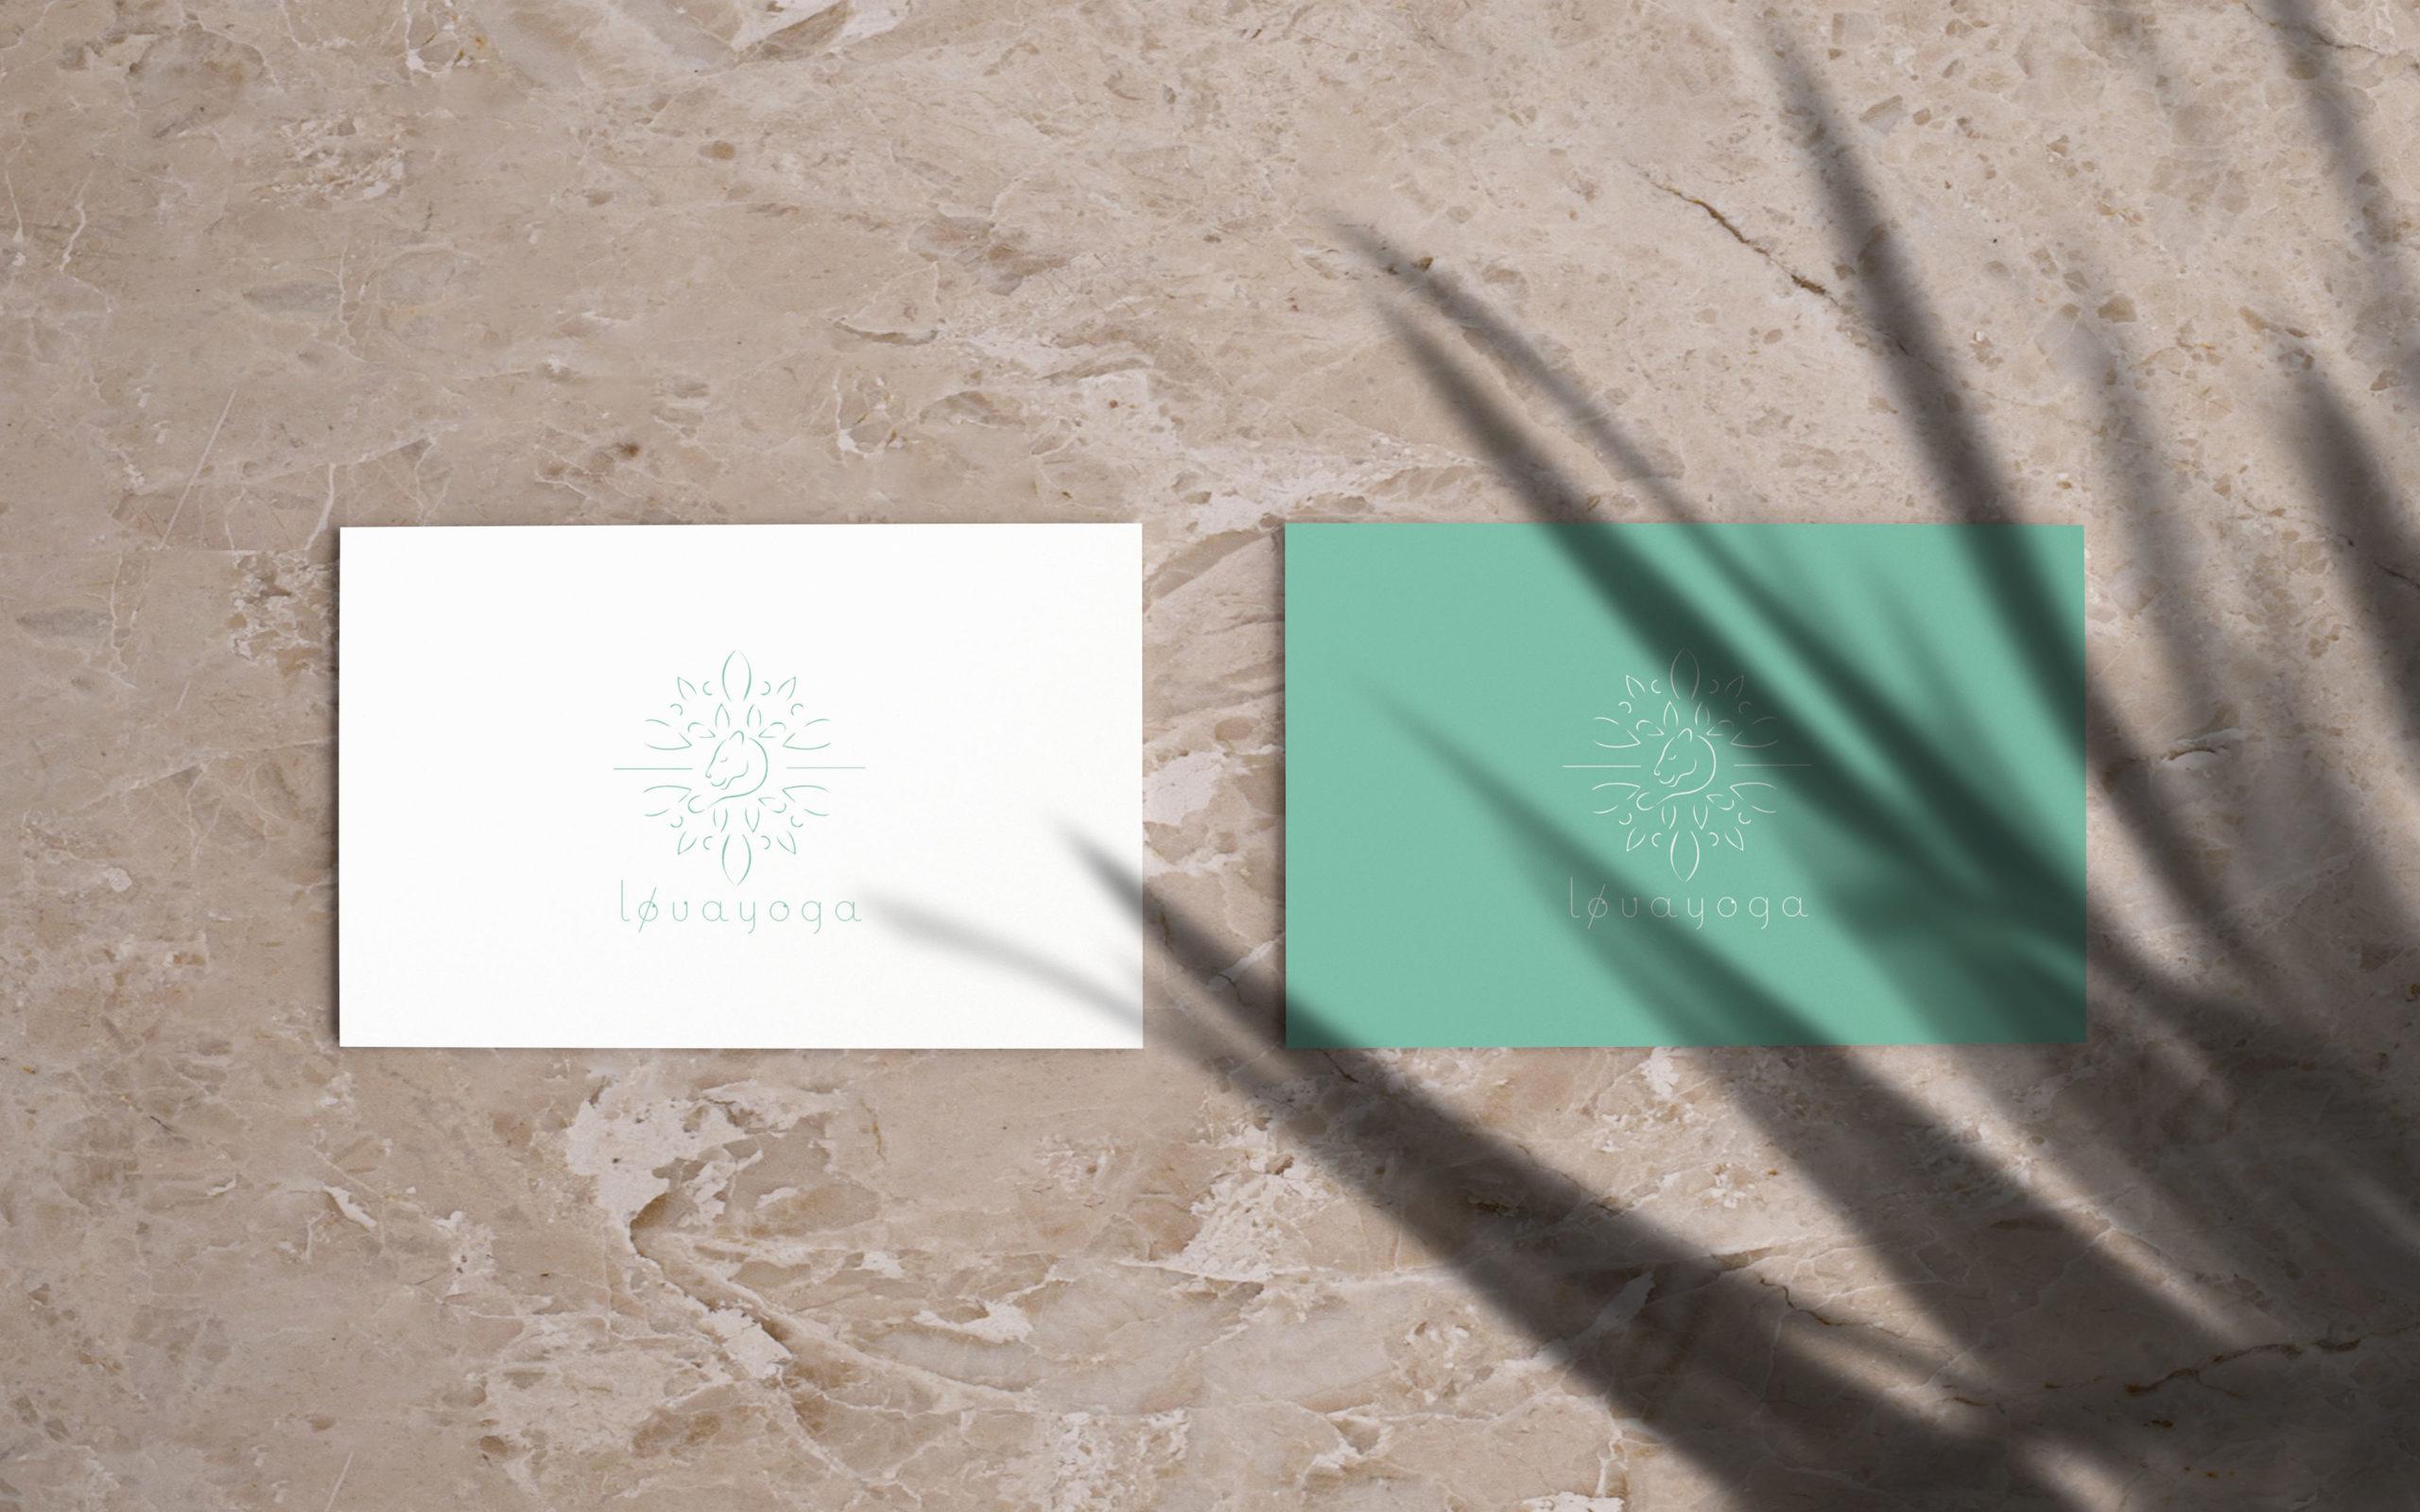 création-identité-visuelle-yoga-julien-guichard-digital-pays-basque